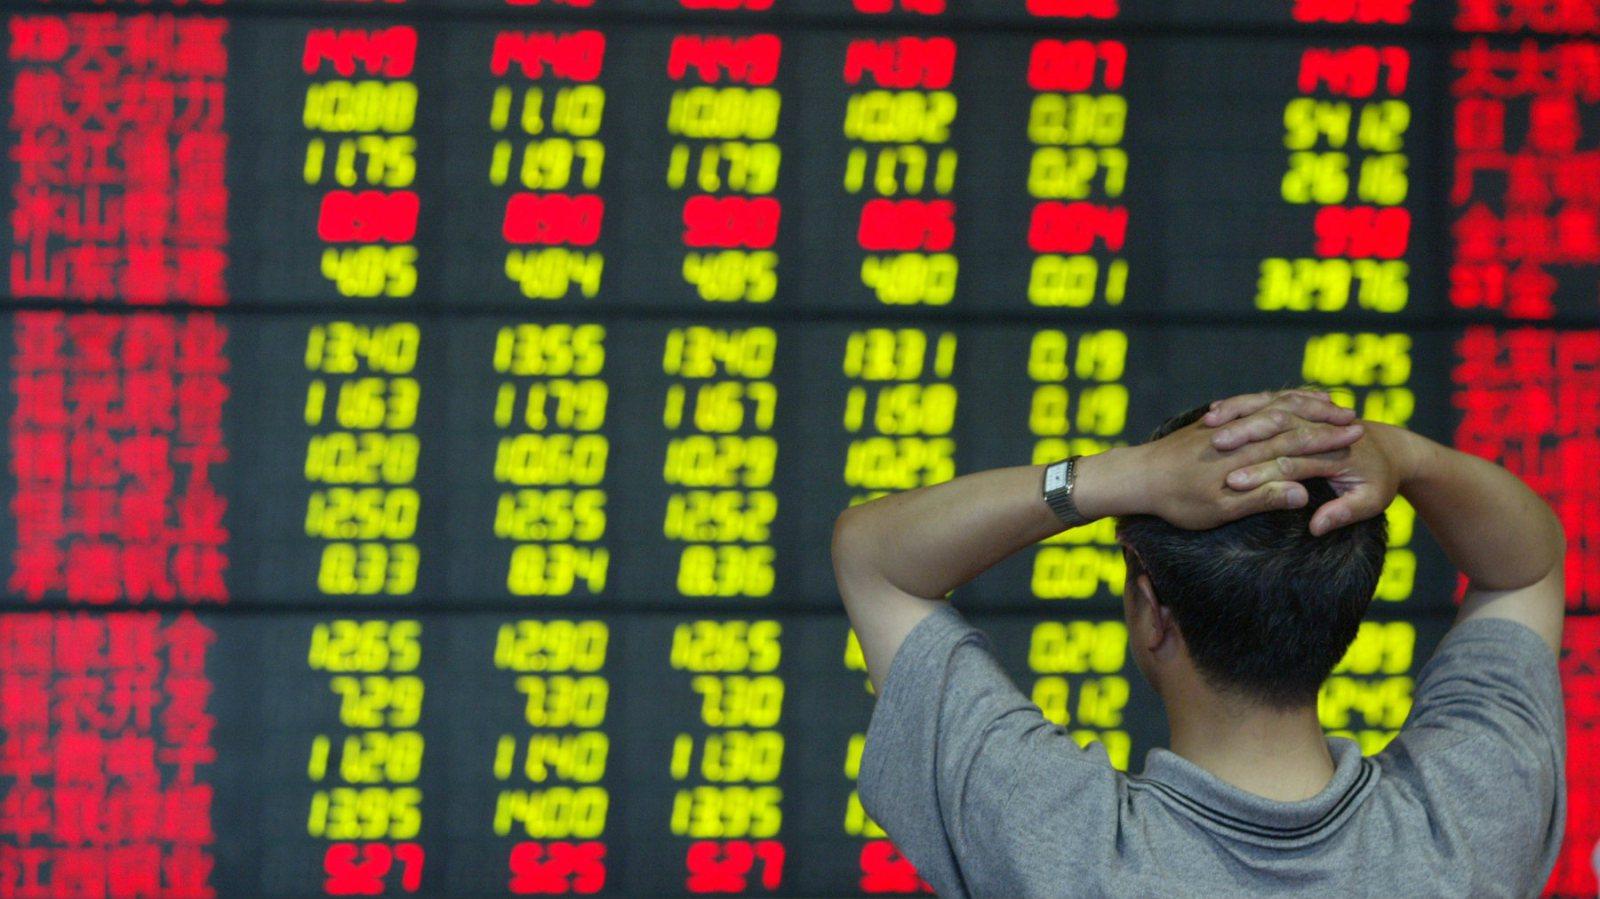 Sri Lanka stocks fall due to Middle East crisis